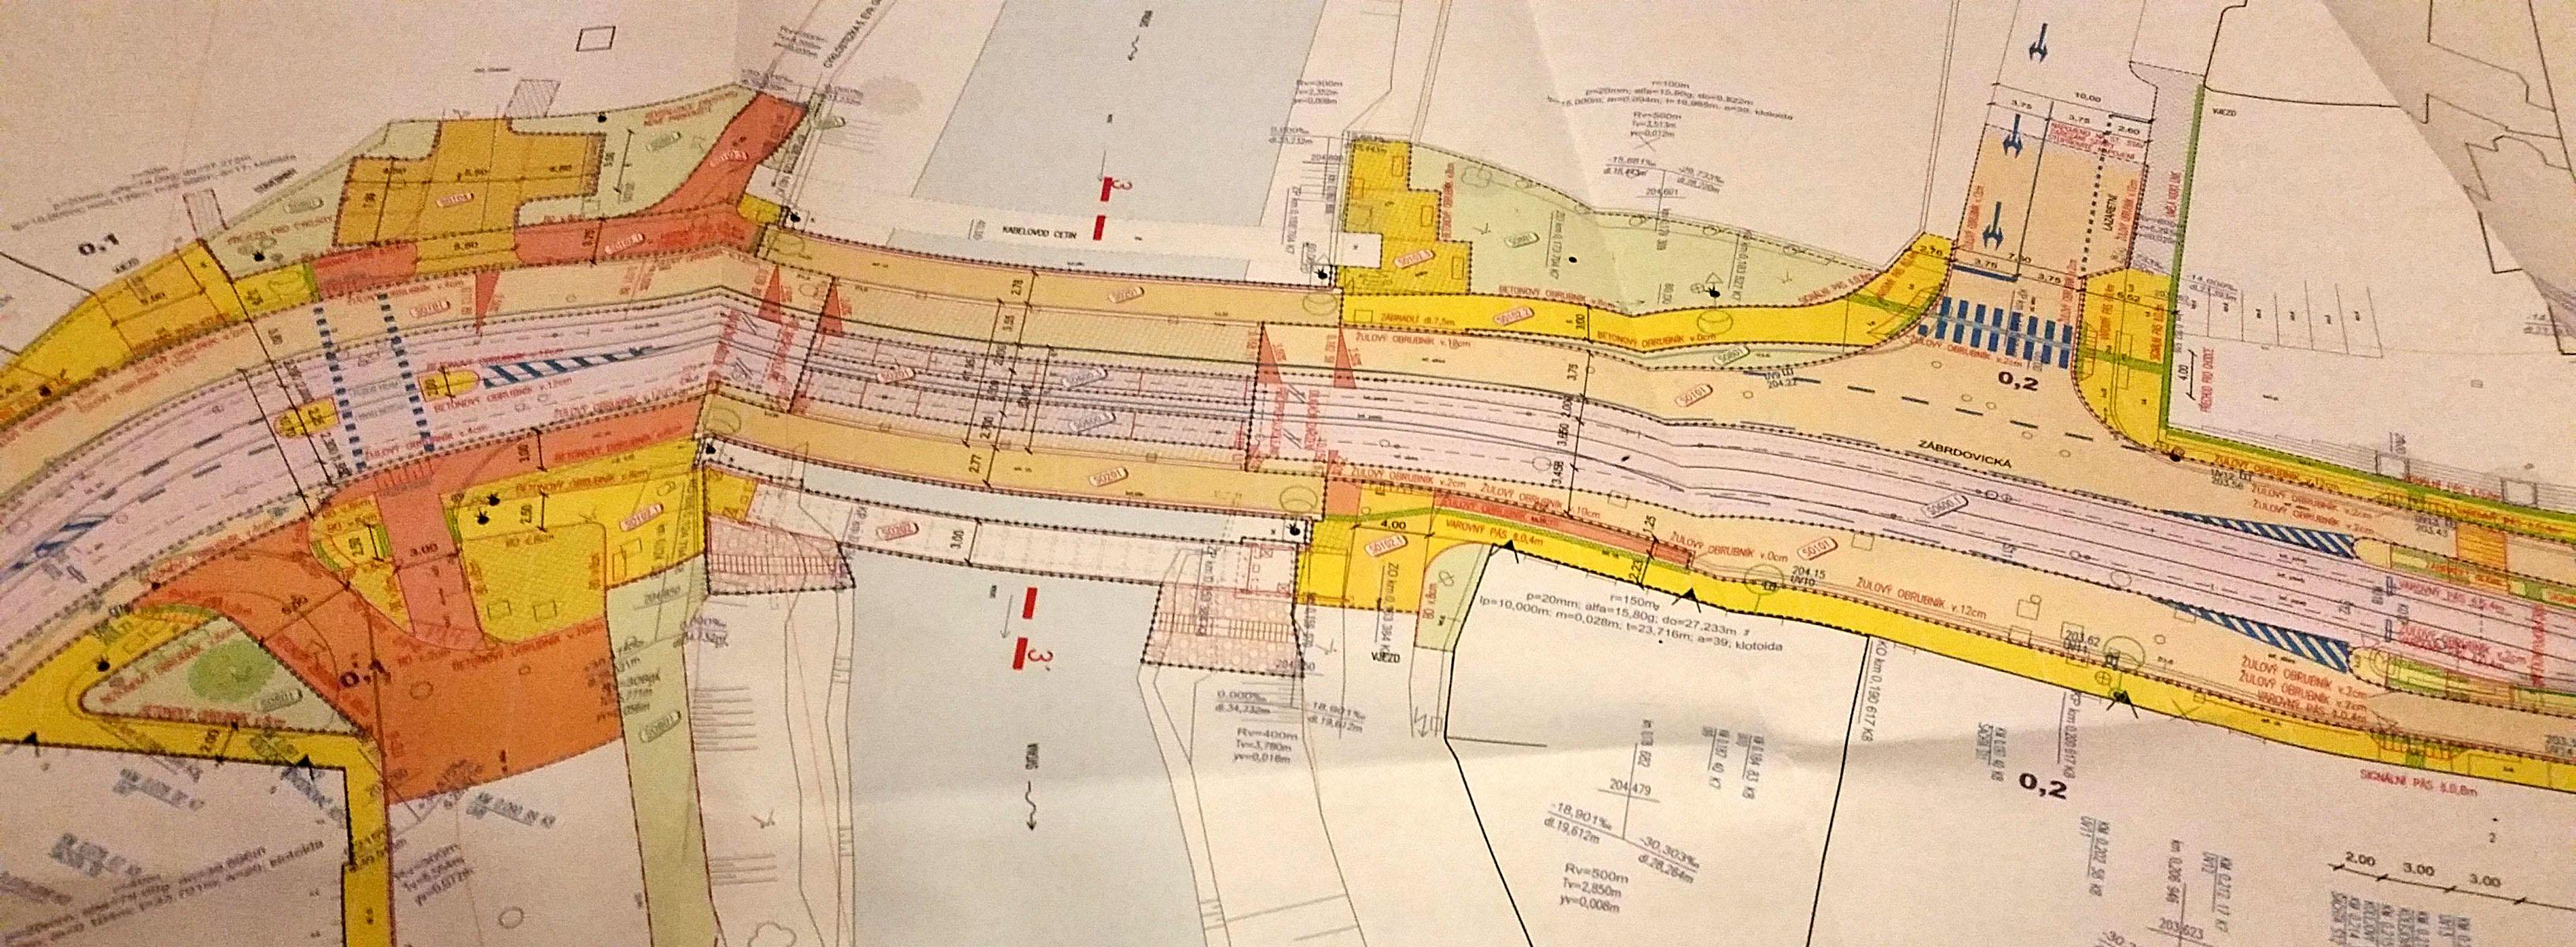 Plán projektu rekonstrukce a výstavby nového mostu Zábrdovice